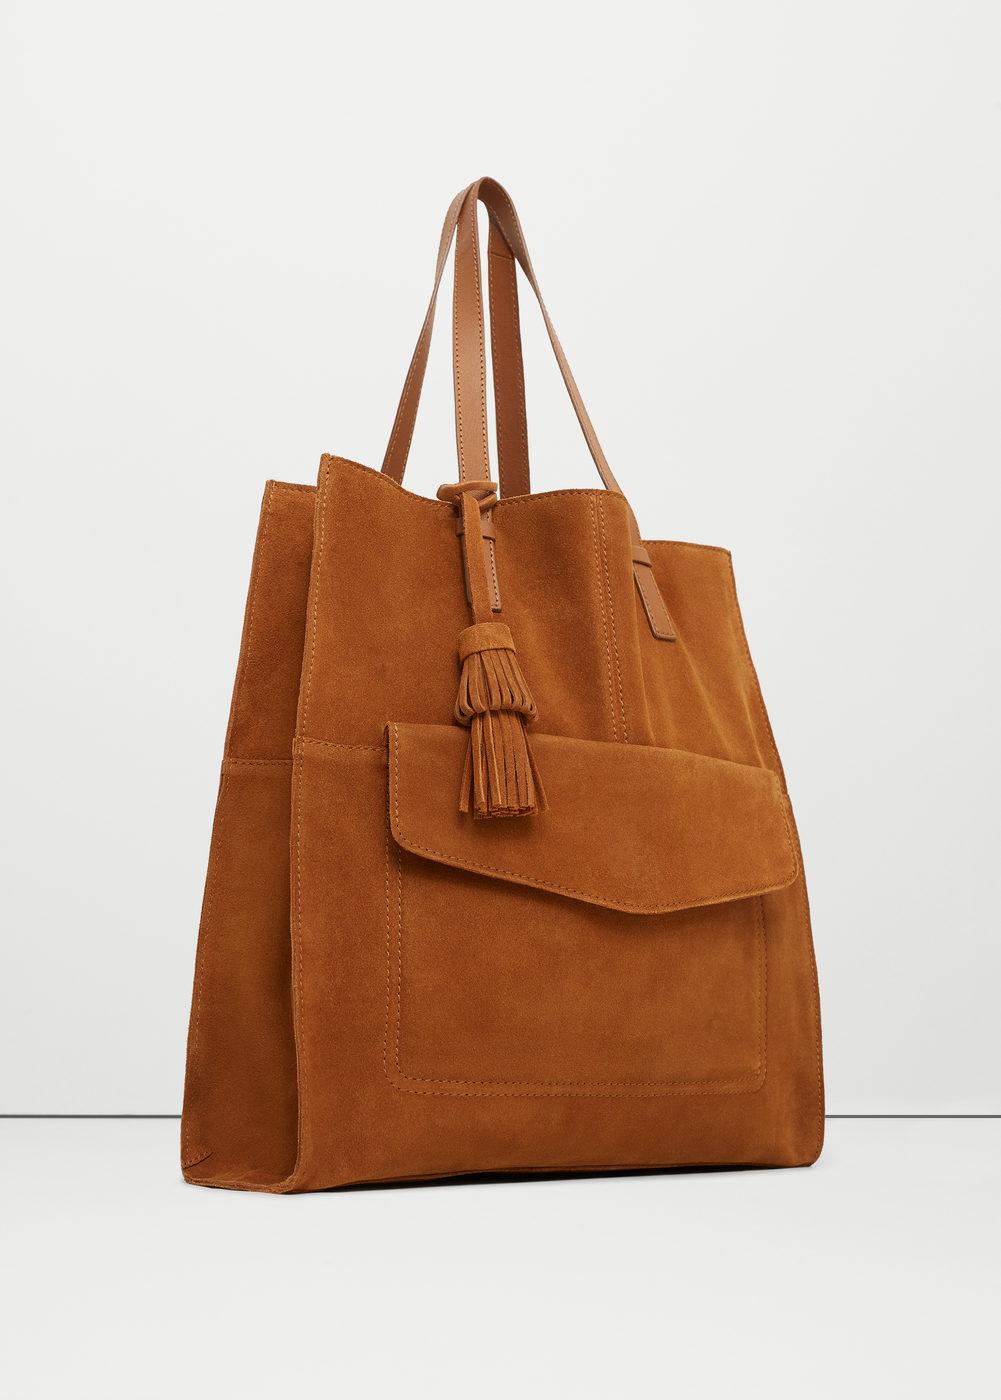 conseils pour bien choisir son sac de la rentr e. Black Bedroom Furniture Sets. Home Design Ideas